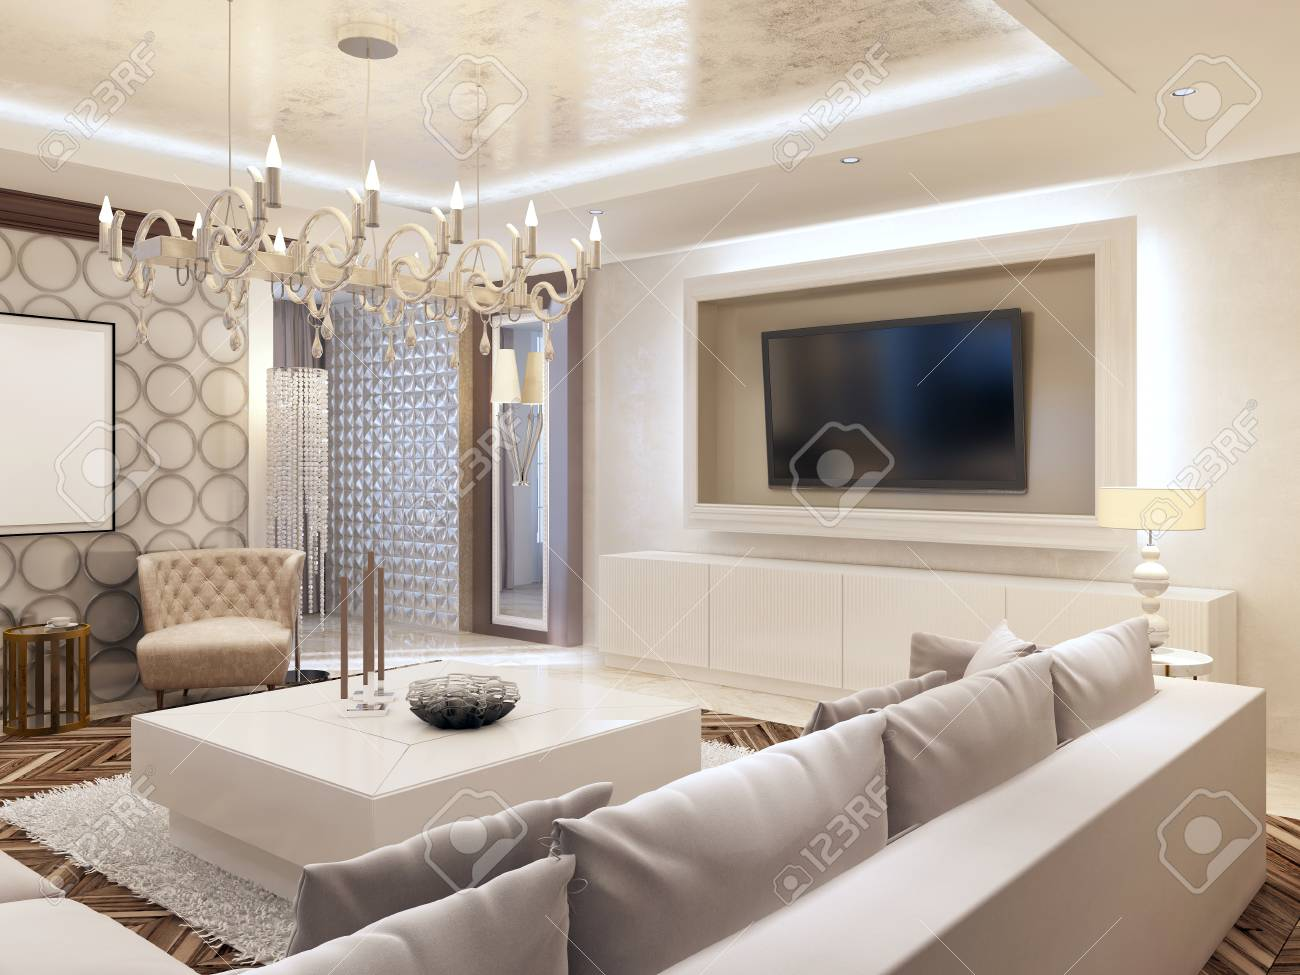 Full Size of Großes Ecksofa Sofa Bezug Regal Bett Bild Wohnzimmer Mit Ottomane Garten Wohnzimmer Großes Ecksofa